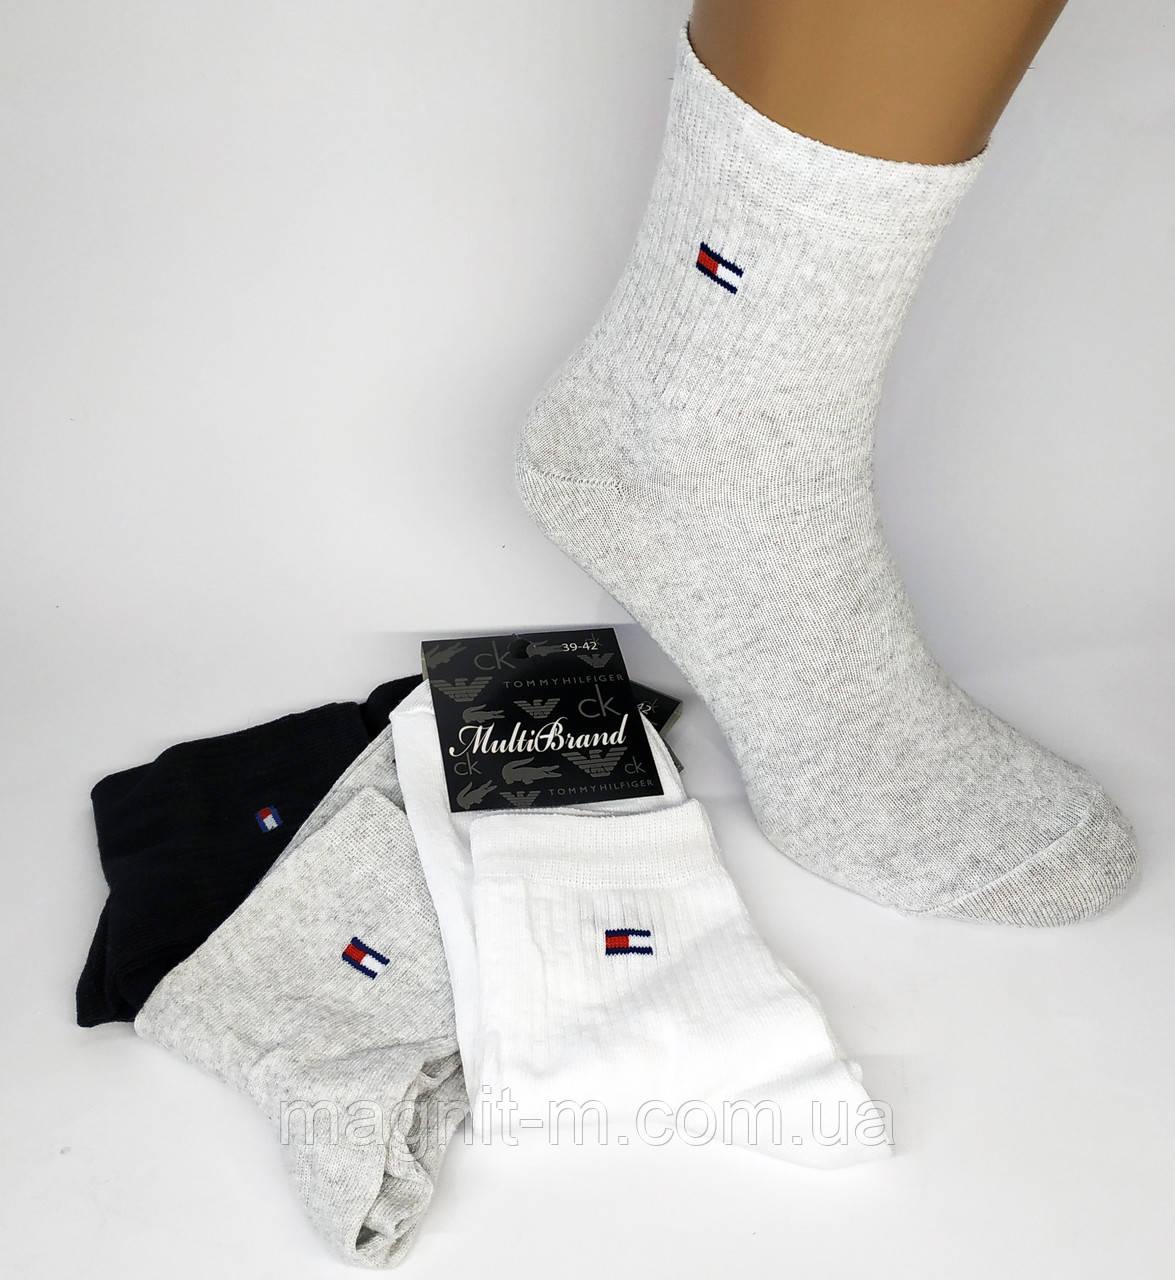 """Чоловічі спортивні шкарпетки """"Multi Brand"""". Р-Р 42-45. Середньої висоти. (Роздріб)."""